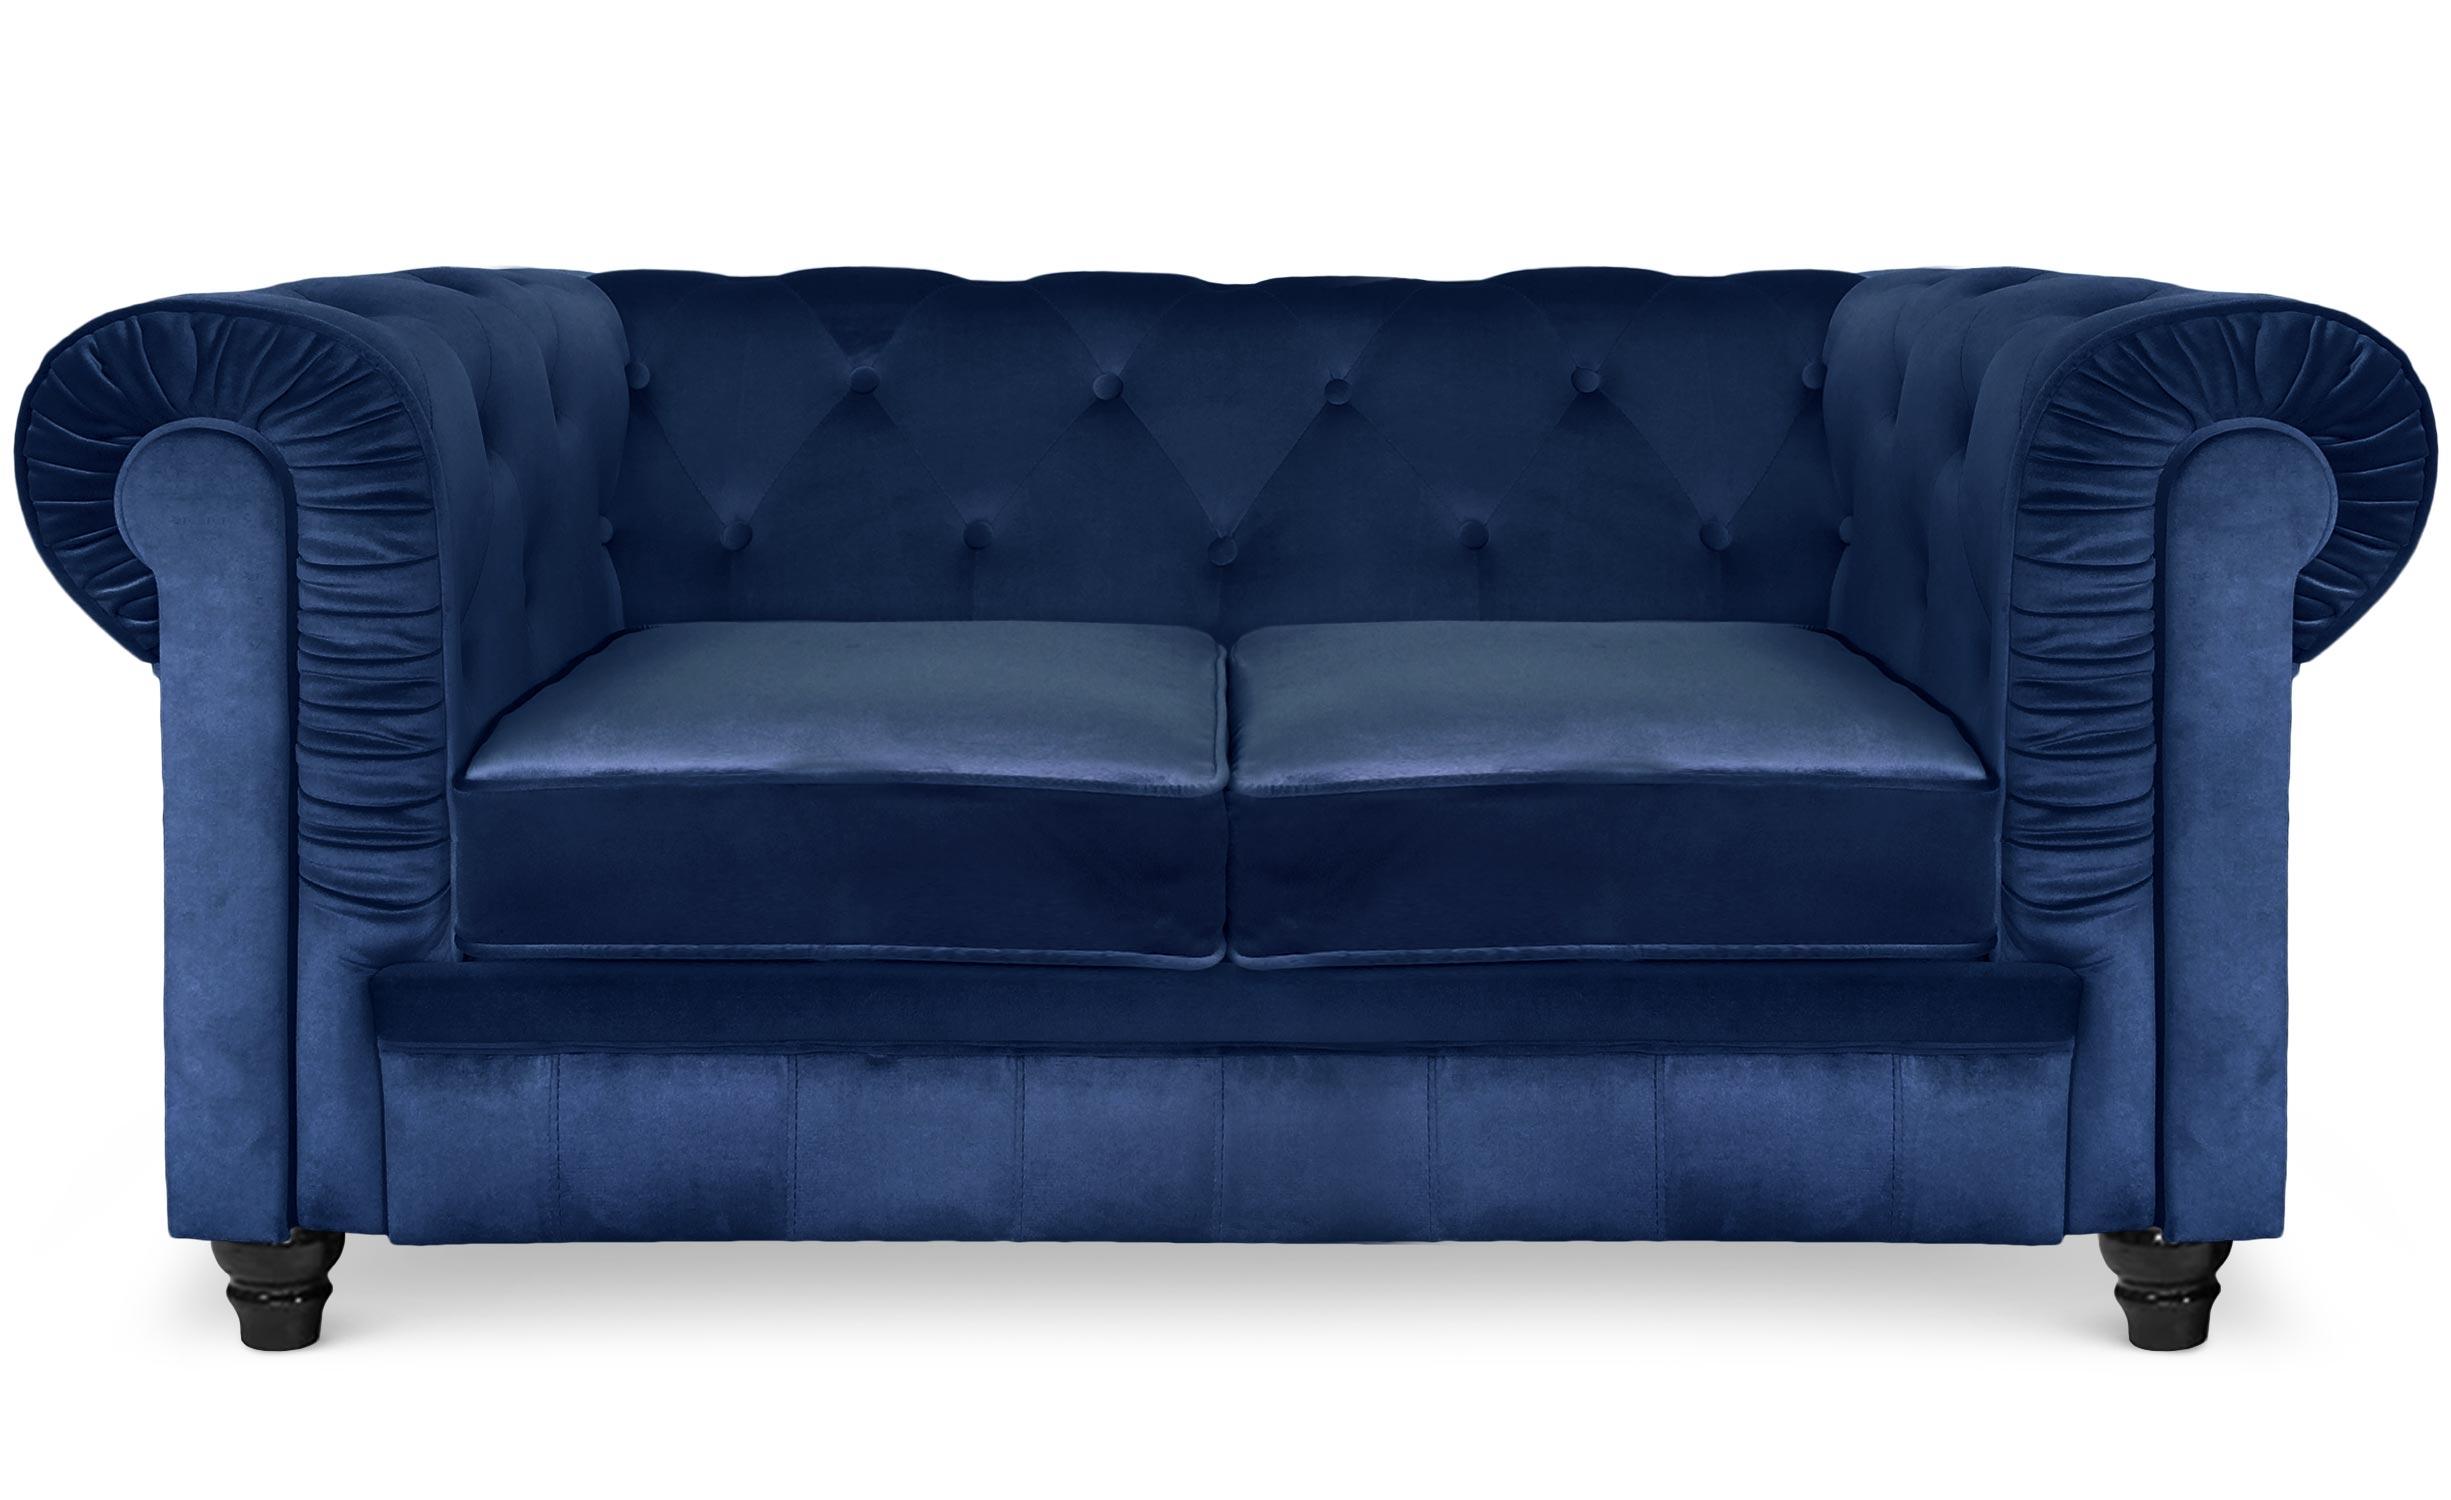 Grand canapé 2 places Chesterfield Velours Bleu